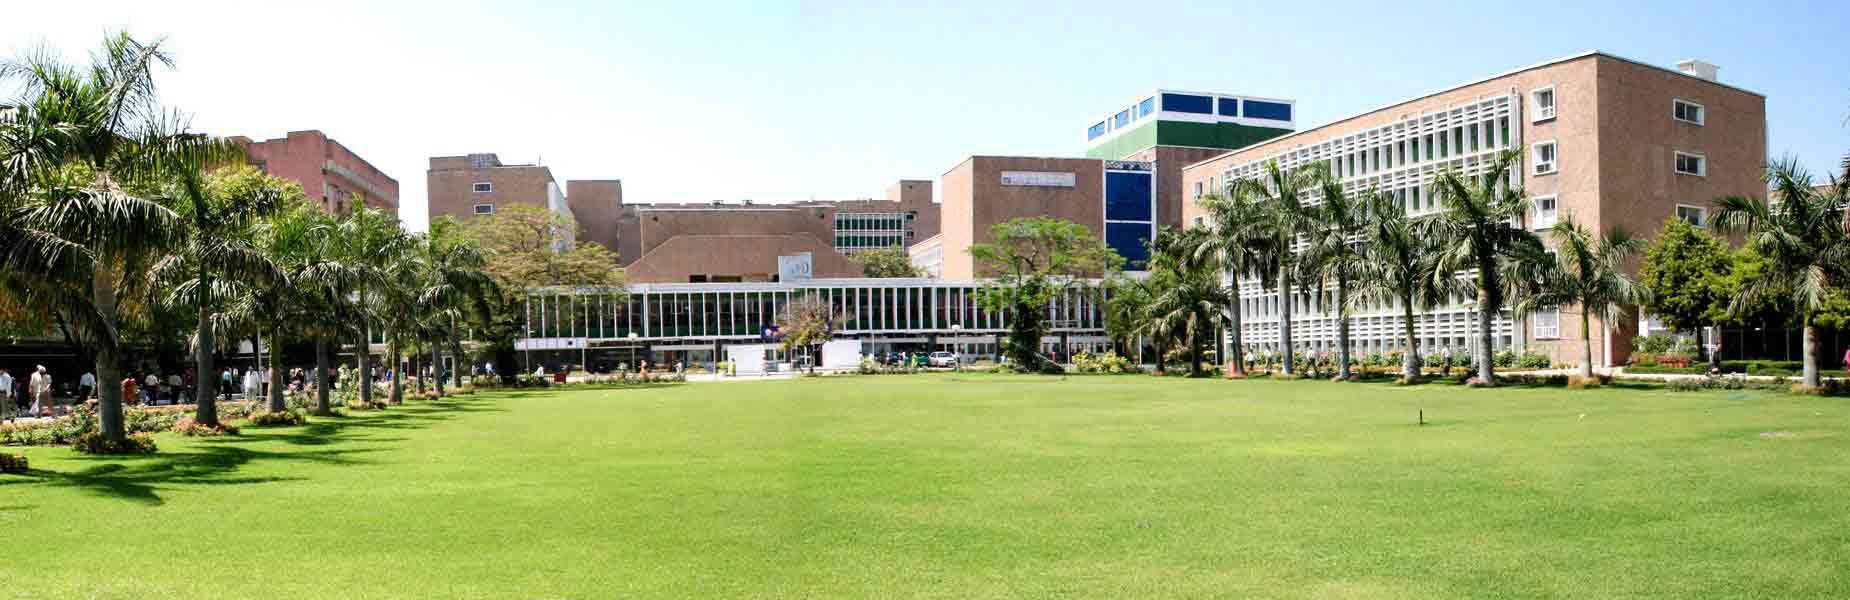 All India Institute of Medical Sciences, New Delhi